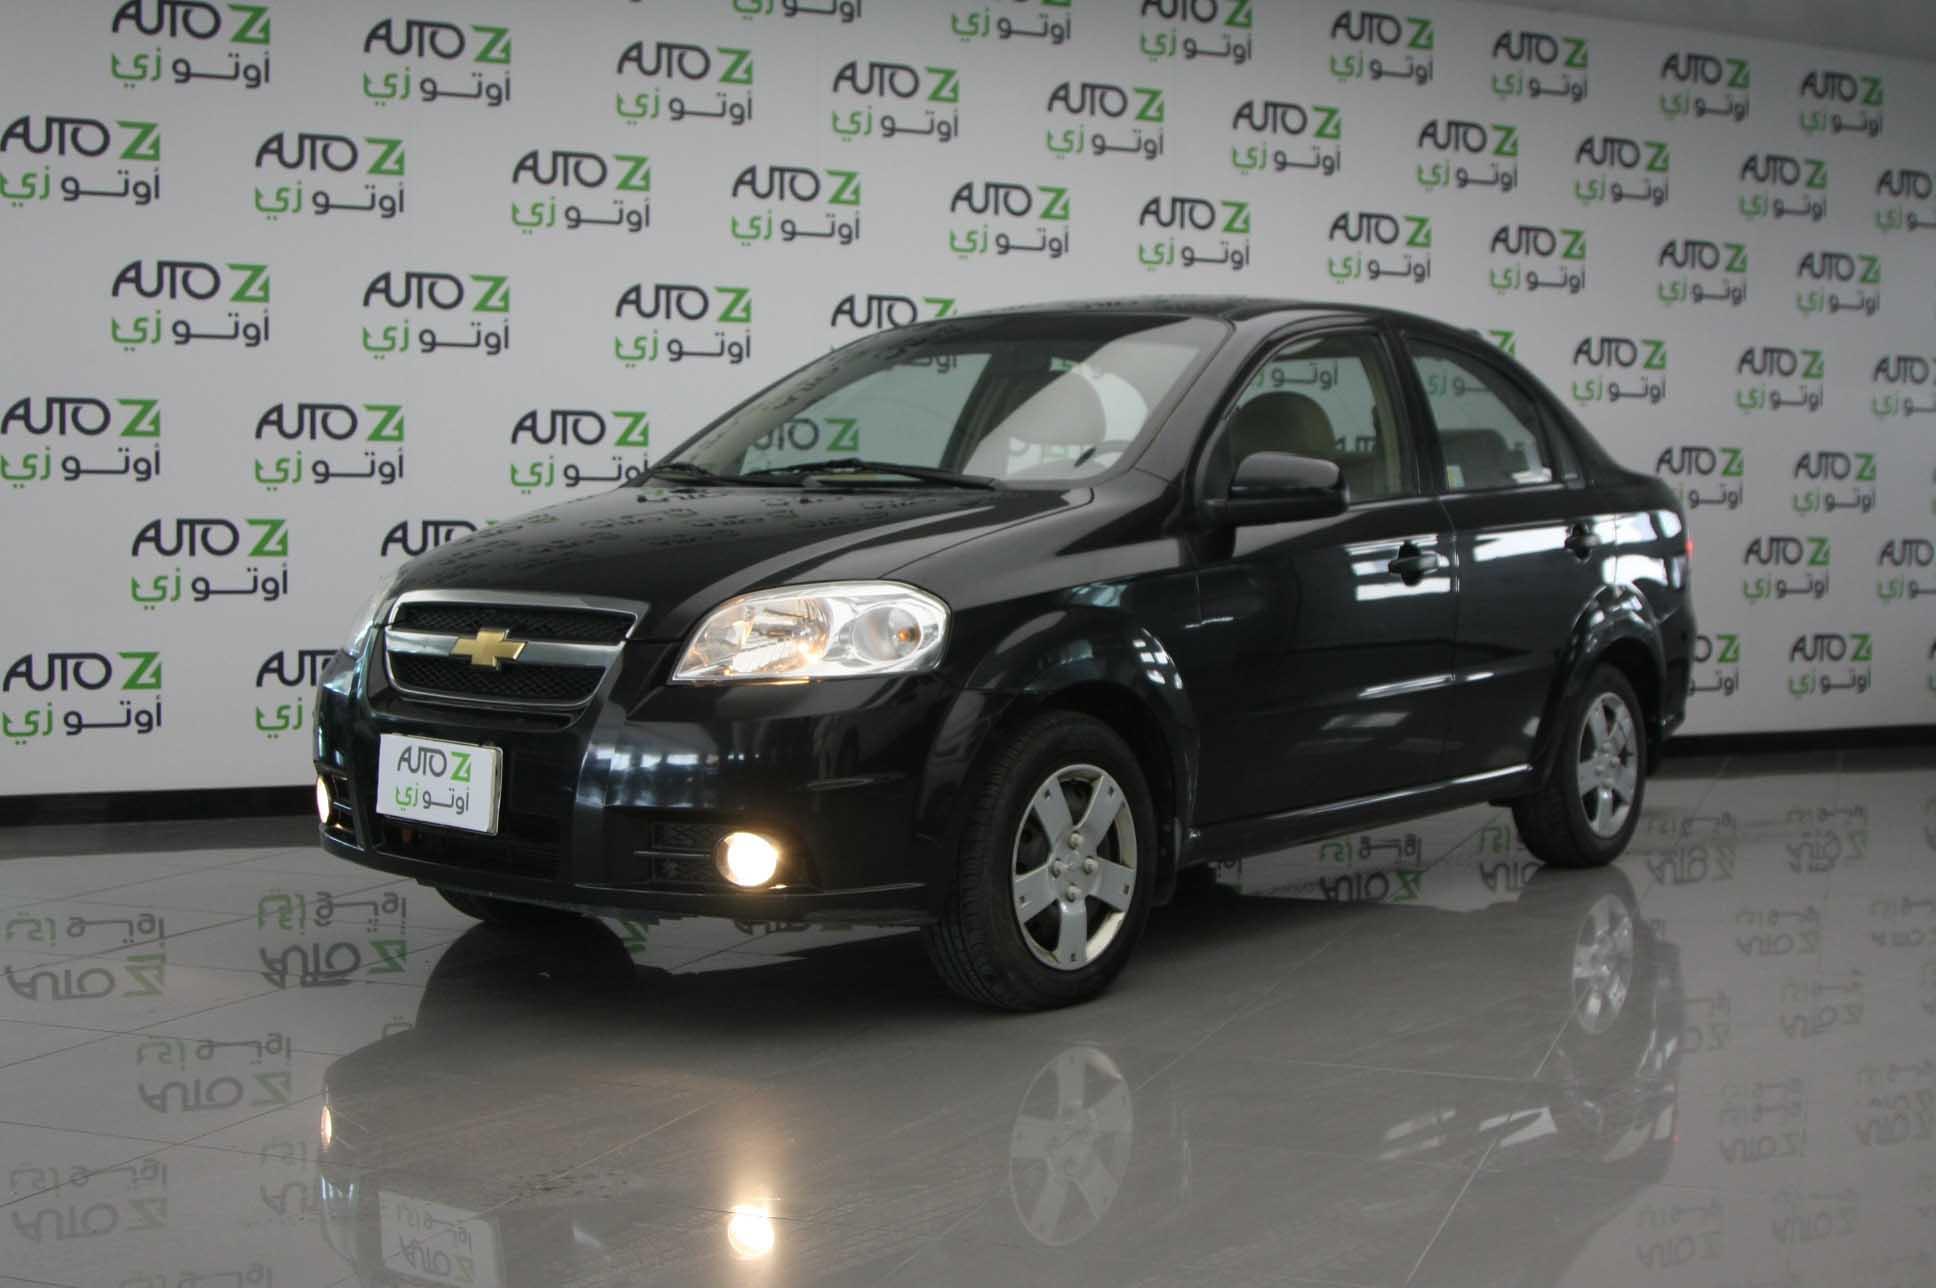 Chevrolet Aveo LS 2011 – Black